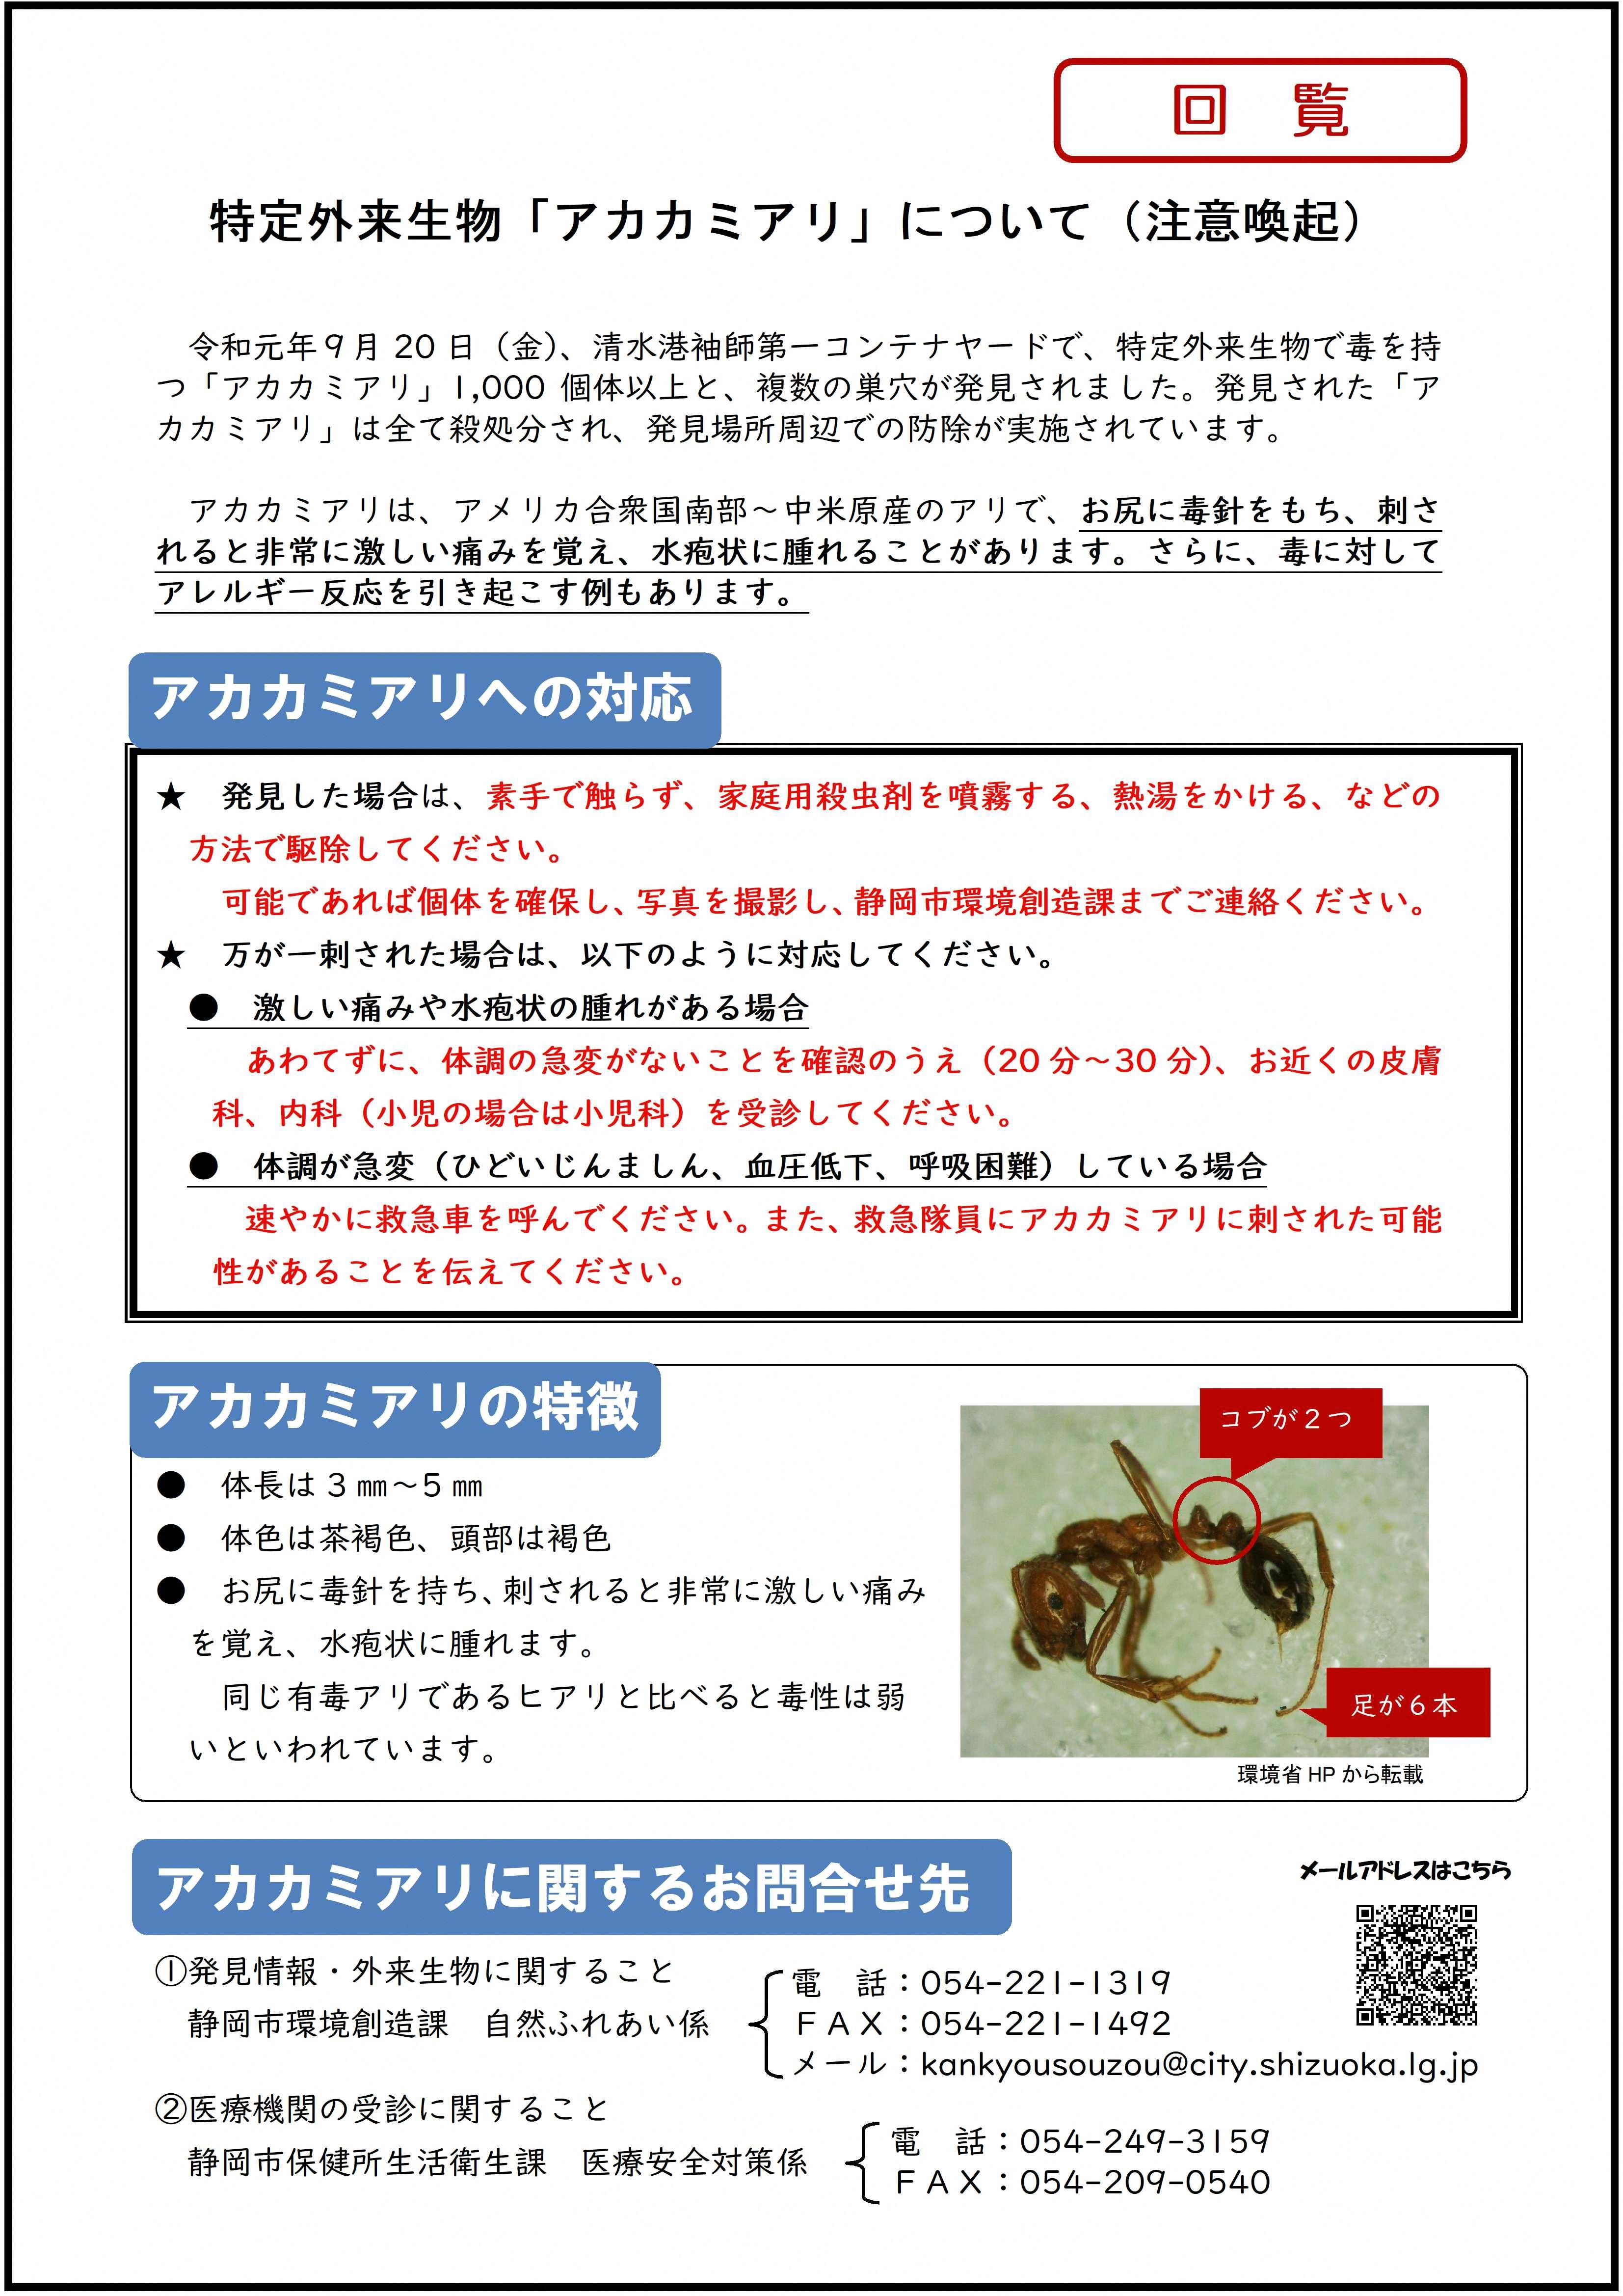 https://www.shizutan.jp/news/2019/09/27/images/shizutan_%E8%87%AA%E6%B2%BB%E4%BC%9A%E3%81%B8%E3%81%AE%E5%9B%9E%E8%A6%A7.jpg